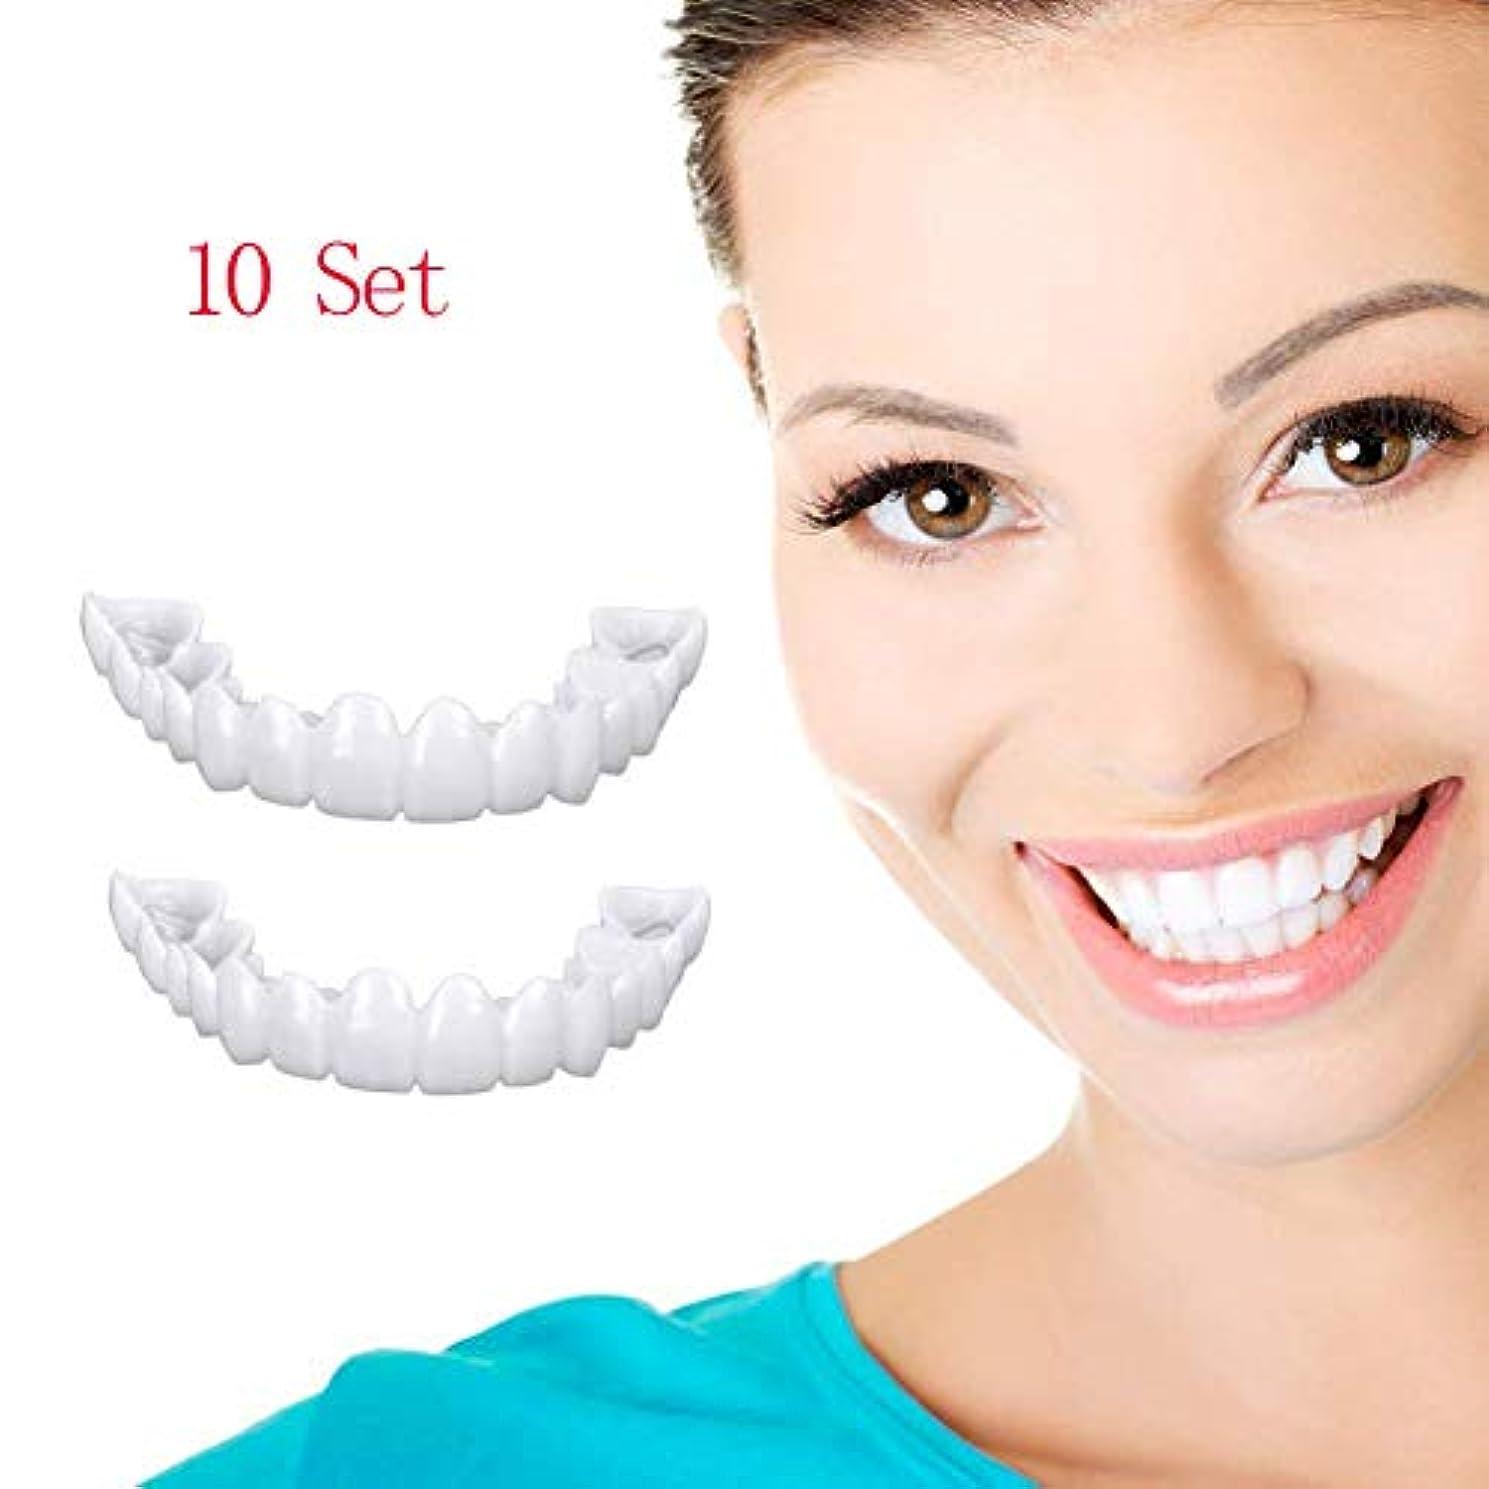 絡まるオープナー故障義歯上下義歯インスタントスマイルコンフォートフィットフレックスコスメティックティーストップ化粧品突き合わせ箱入り(下+上),10Set